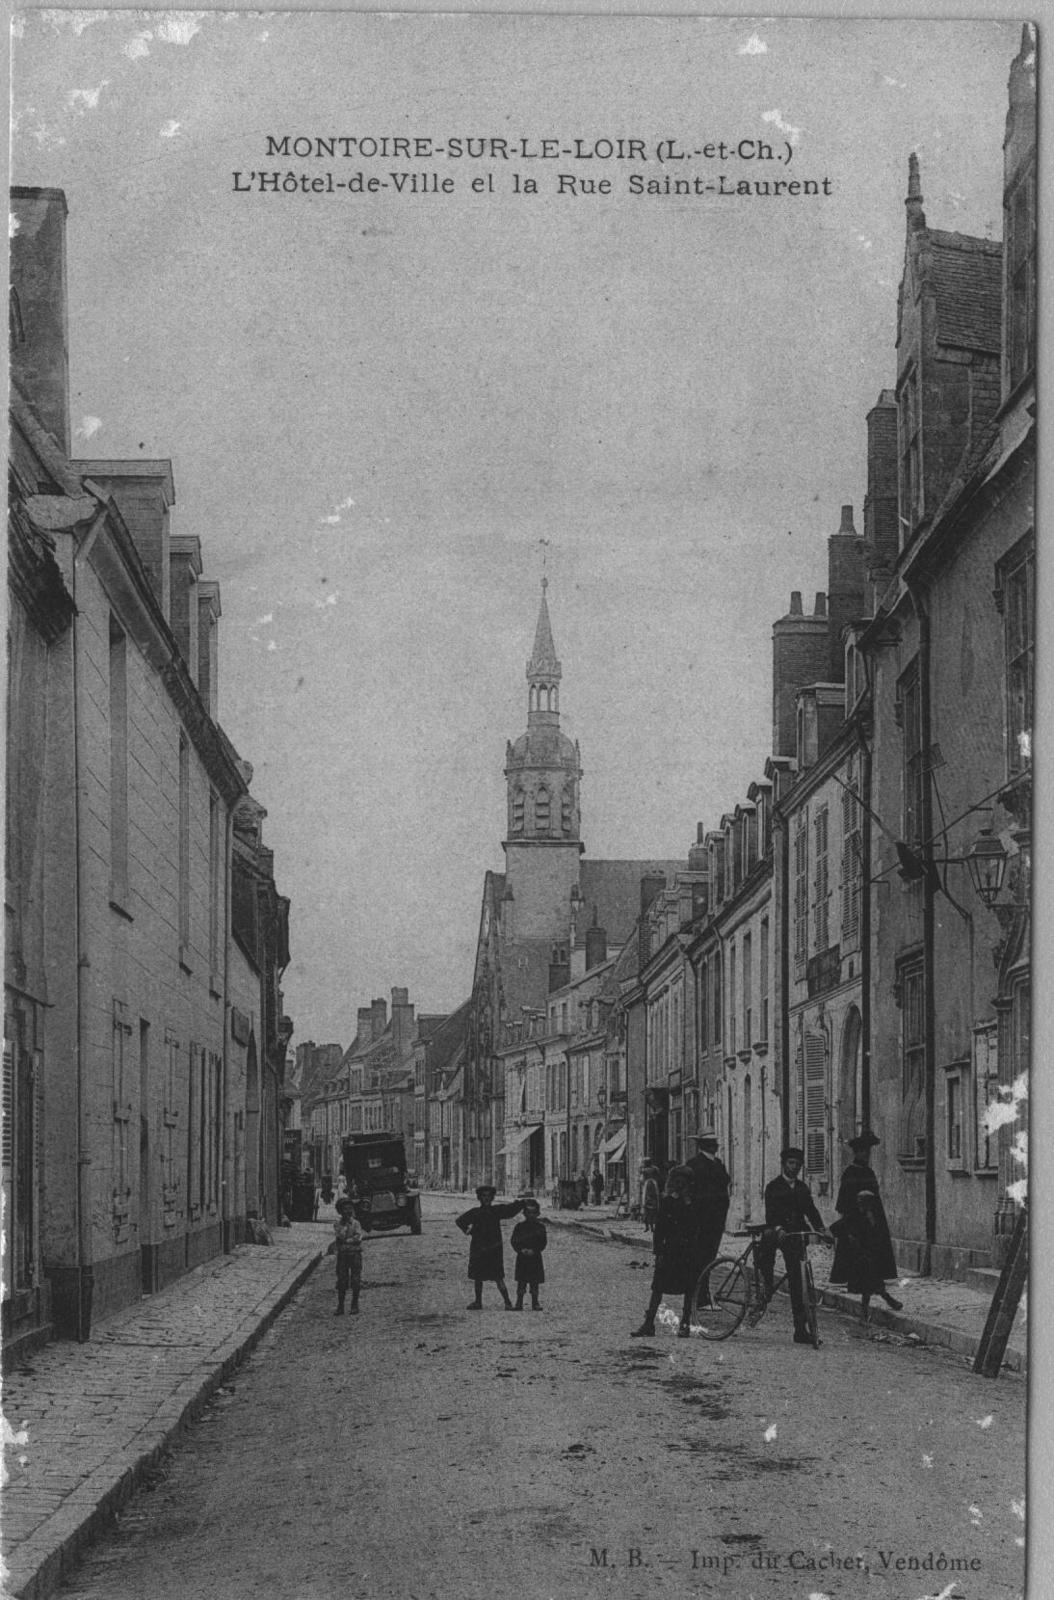 Montoire-sur-le-Loir - L'hotel de ville et la rue Saint-Laurent